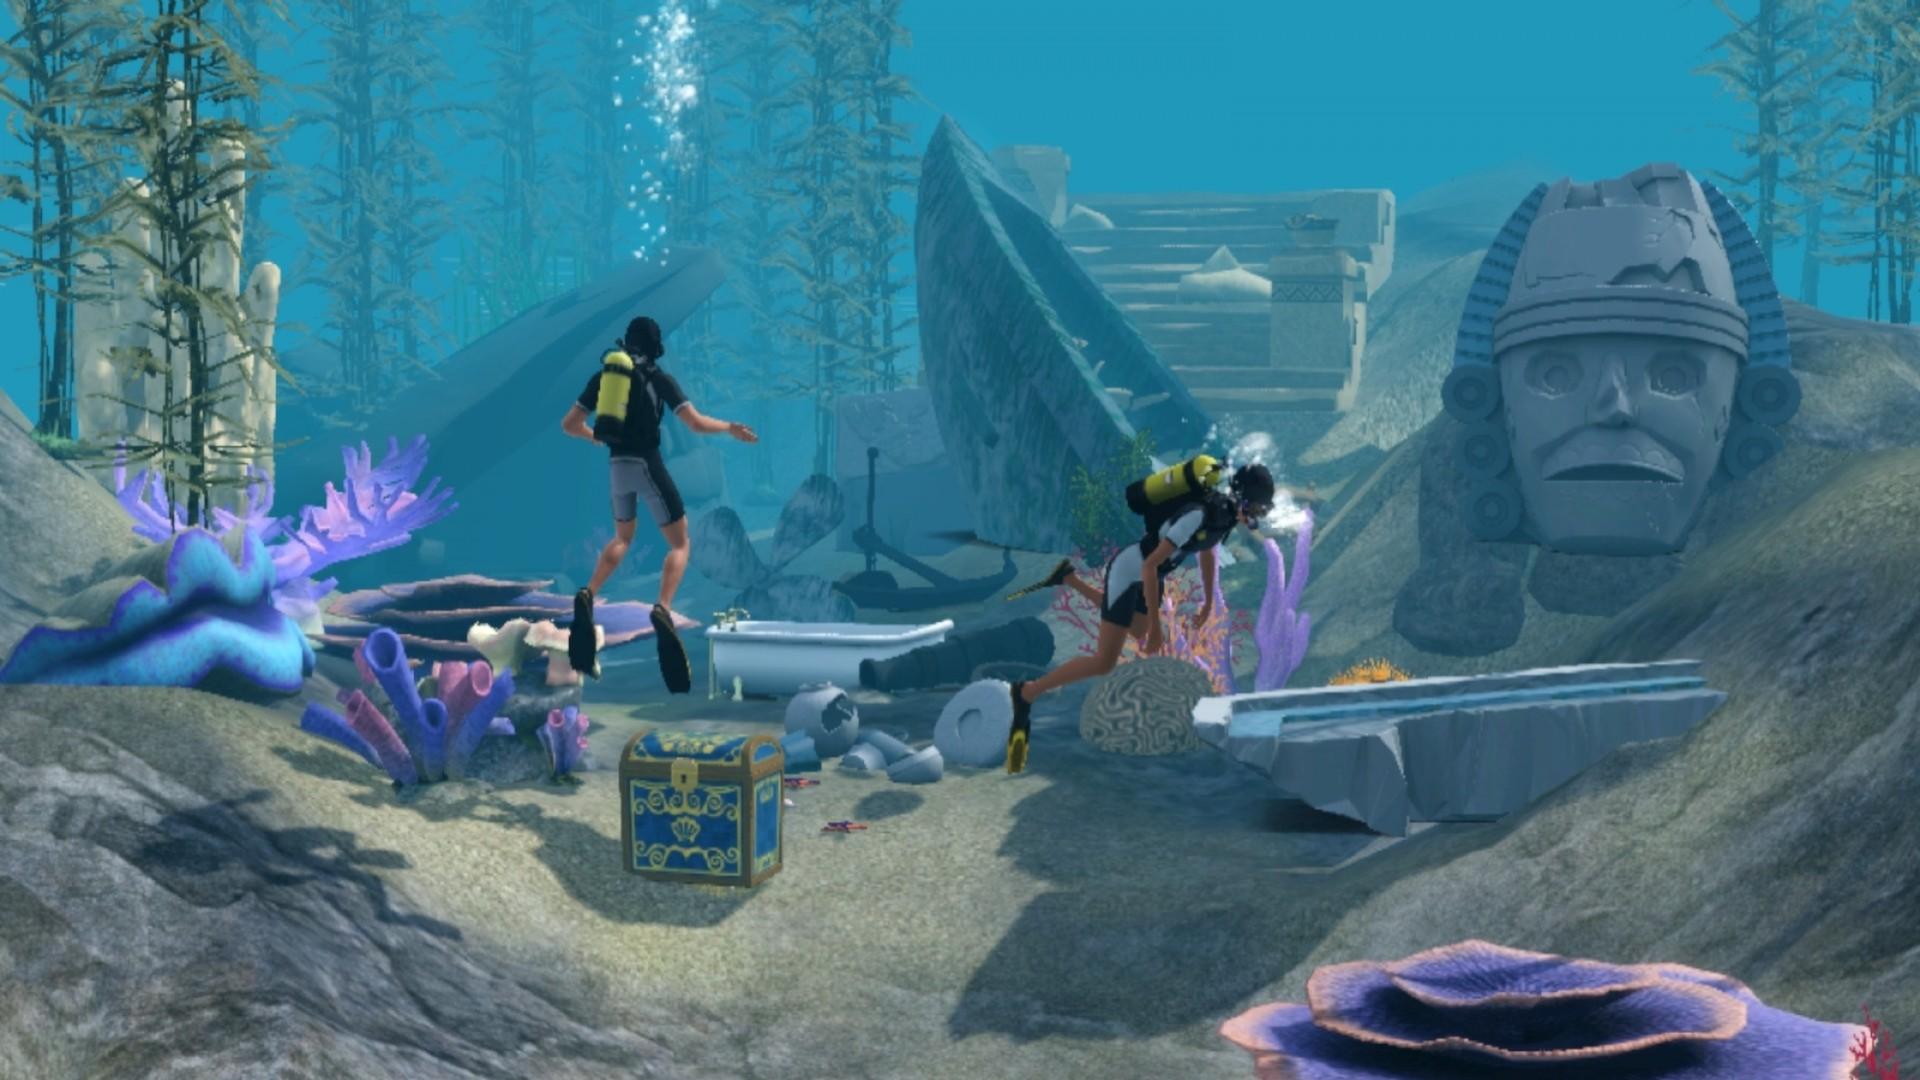 The Sims 3 Ilha Paradisíaca